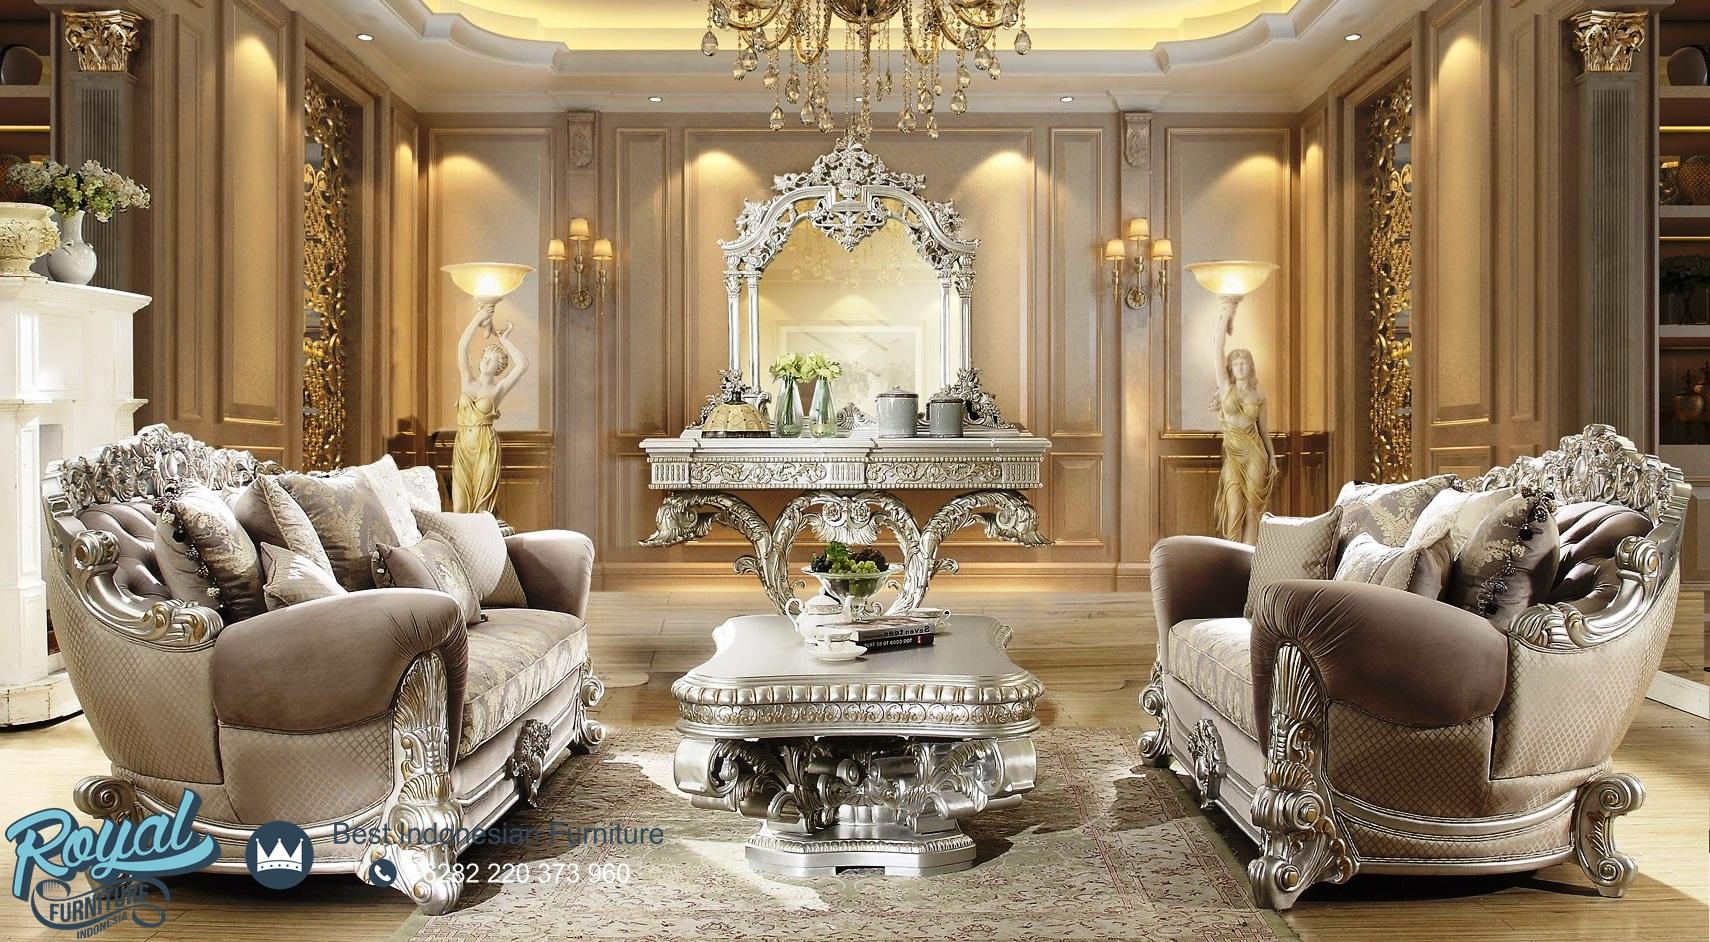 Set Sofa Tamu Mewah, set sofa tamu mewah, set sofa tamu klasik, set sofa tamu minimalis, set sofa tamu modern, set sofa tamu jepara terbaru, set sofa ruang keluarga, furniture jepara, set kursi tamu jati jepara, sofa jati ukiran, model sofa tamu terbaru, kursi tamu mewah, kursi sofa tamu sudut, sofa tamu minimalis, sofa tamu ukiran jepara, kursi sofa tamu ukir jepara, sofa tamu jati jepara, sofa tamu minimalis jati, sofa mewah minimalis, kursi tamu sofa mewah, sofa mewah modern, kursi tamu mewah minimalis, kursi tamu mewah modern, kursi mewah ruang tamu, kursi tamu mewah kualitas terbaik, sofa mewah minimalis, mebel jepara, royal furniture